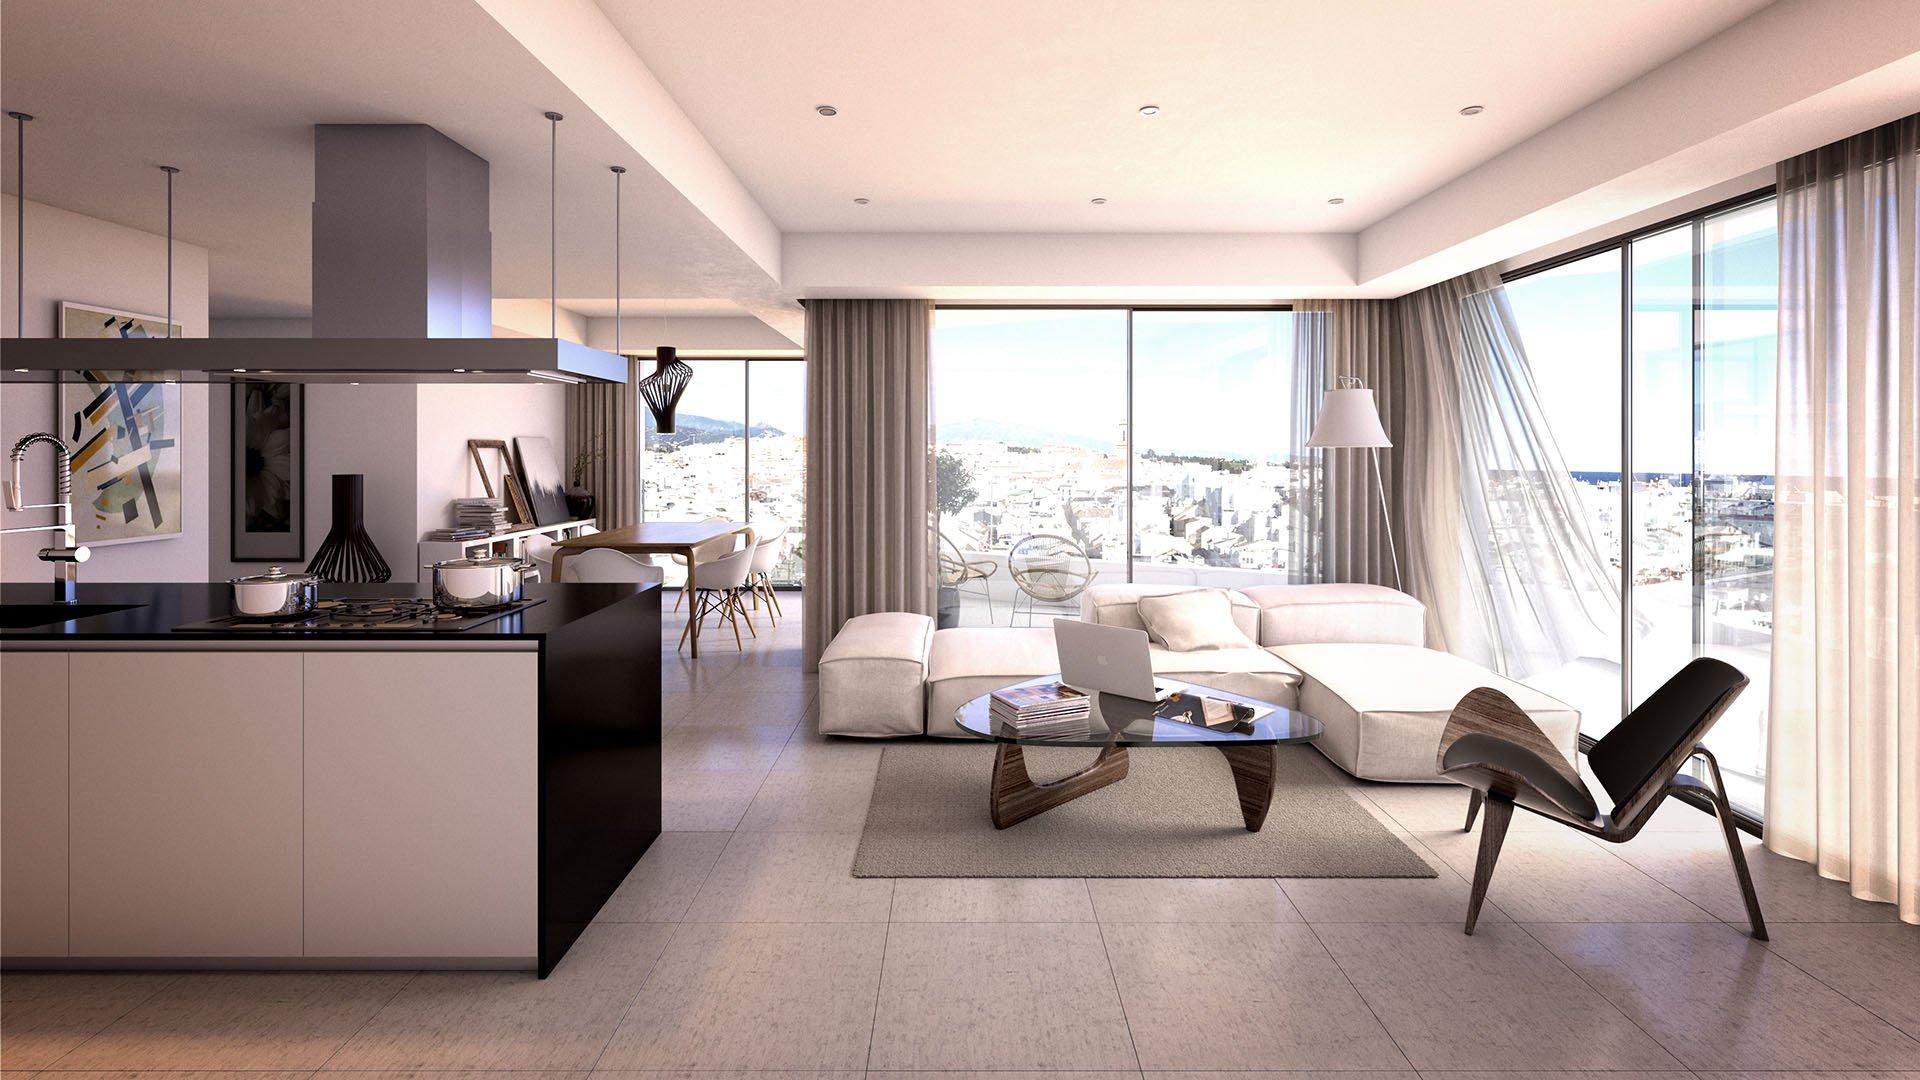 Residencial Infinity: Luxe appartement vlakbij het strand